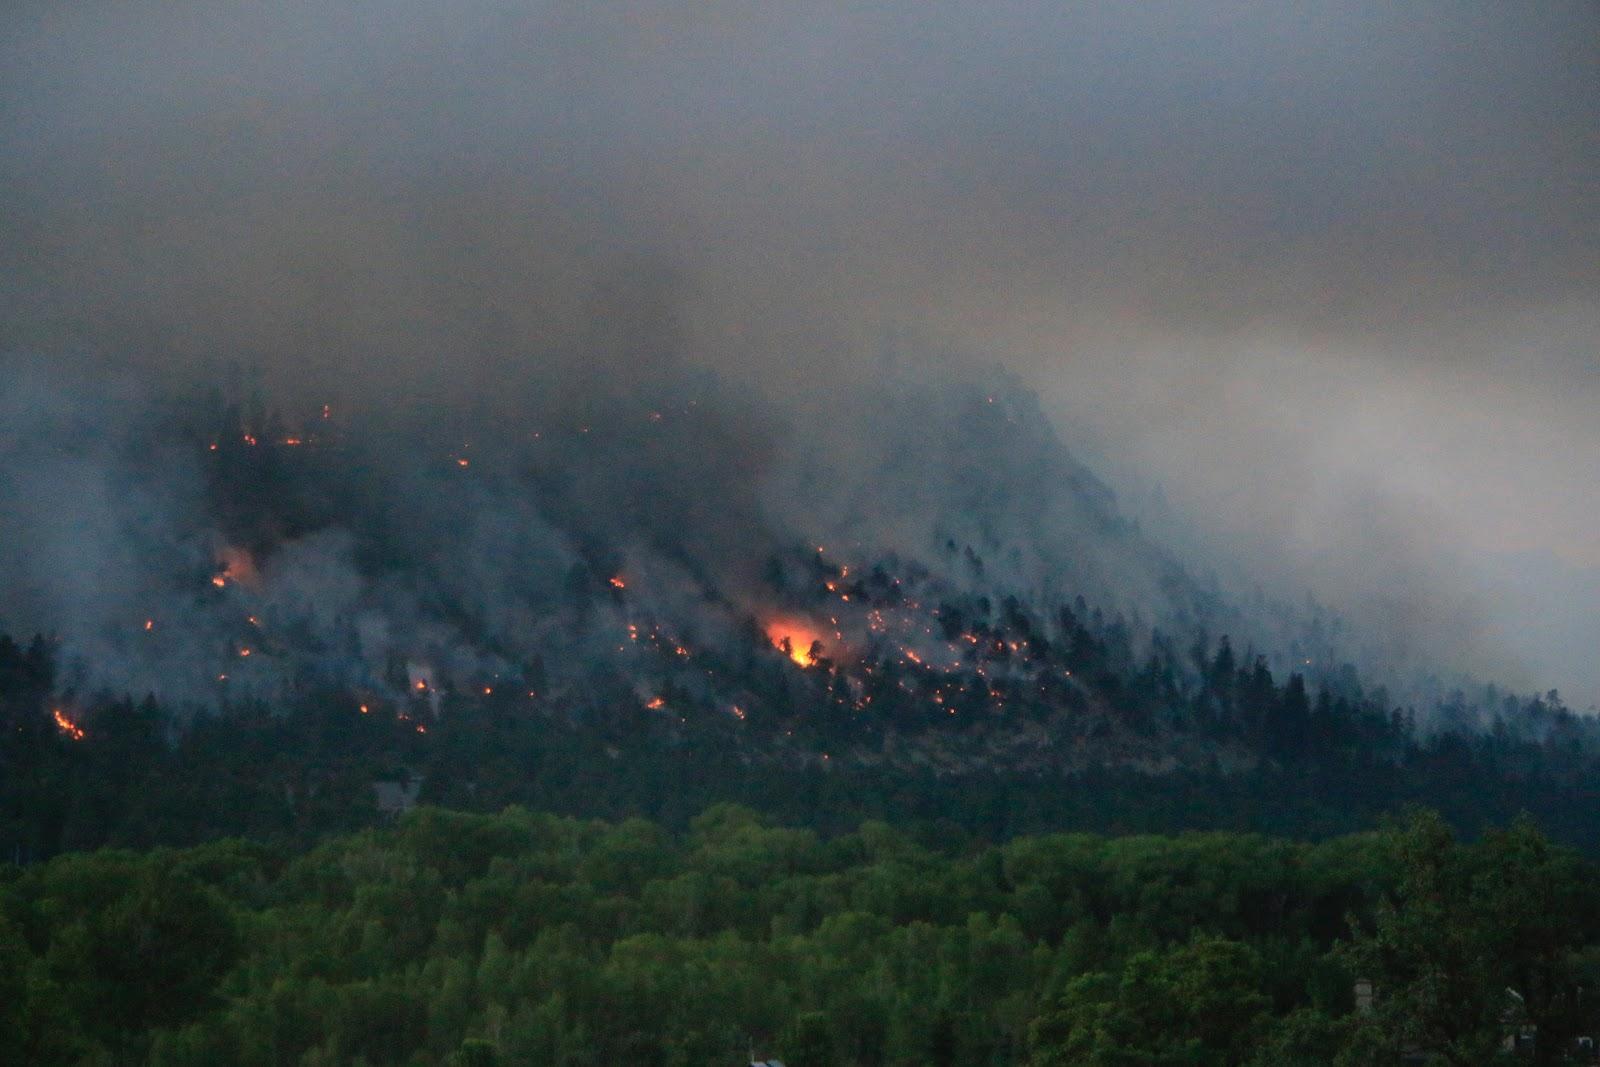 416 Fire, photo by Priscilla Sherman